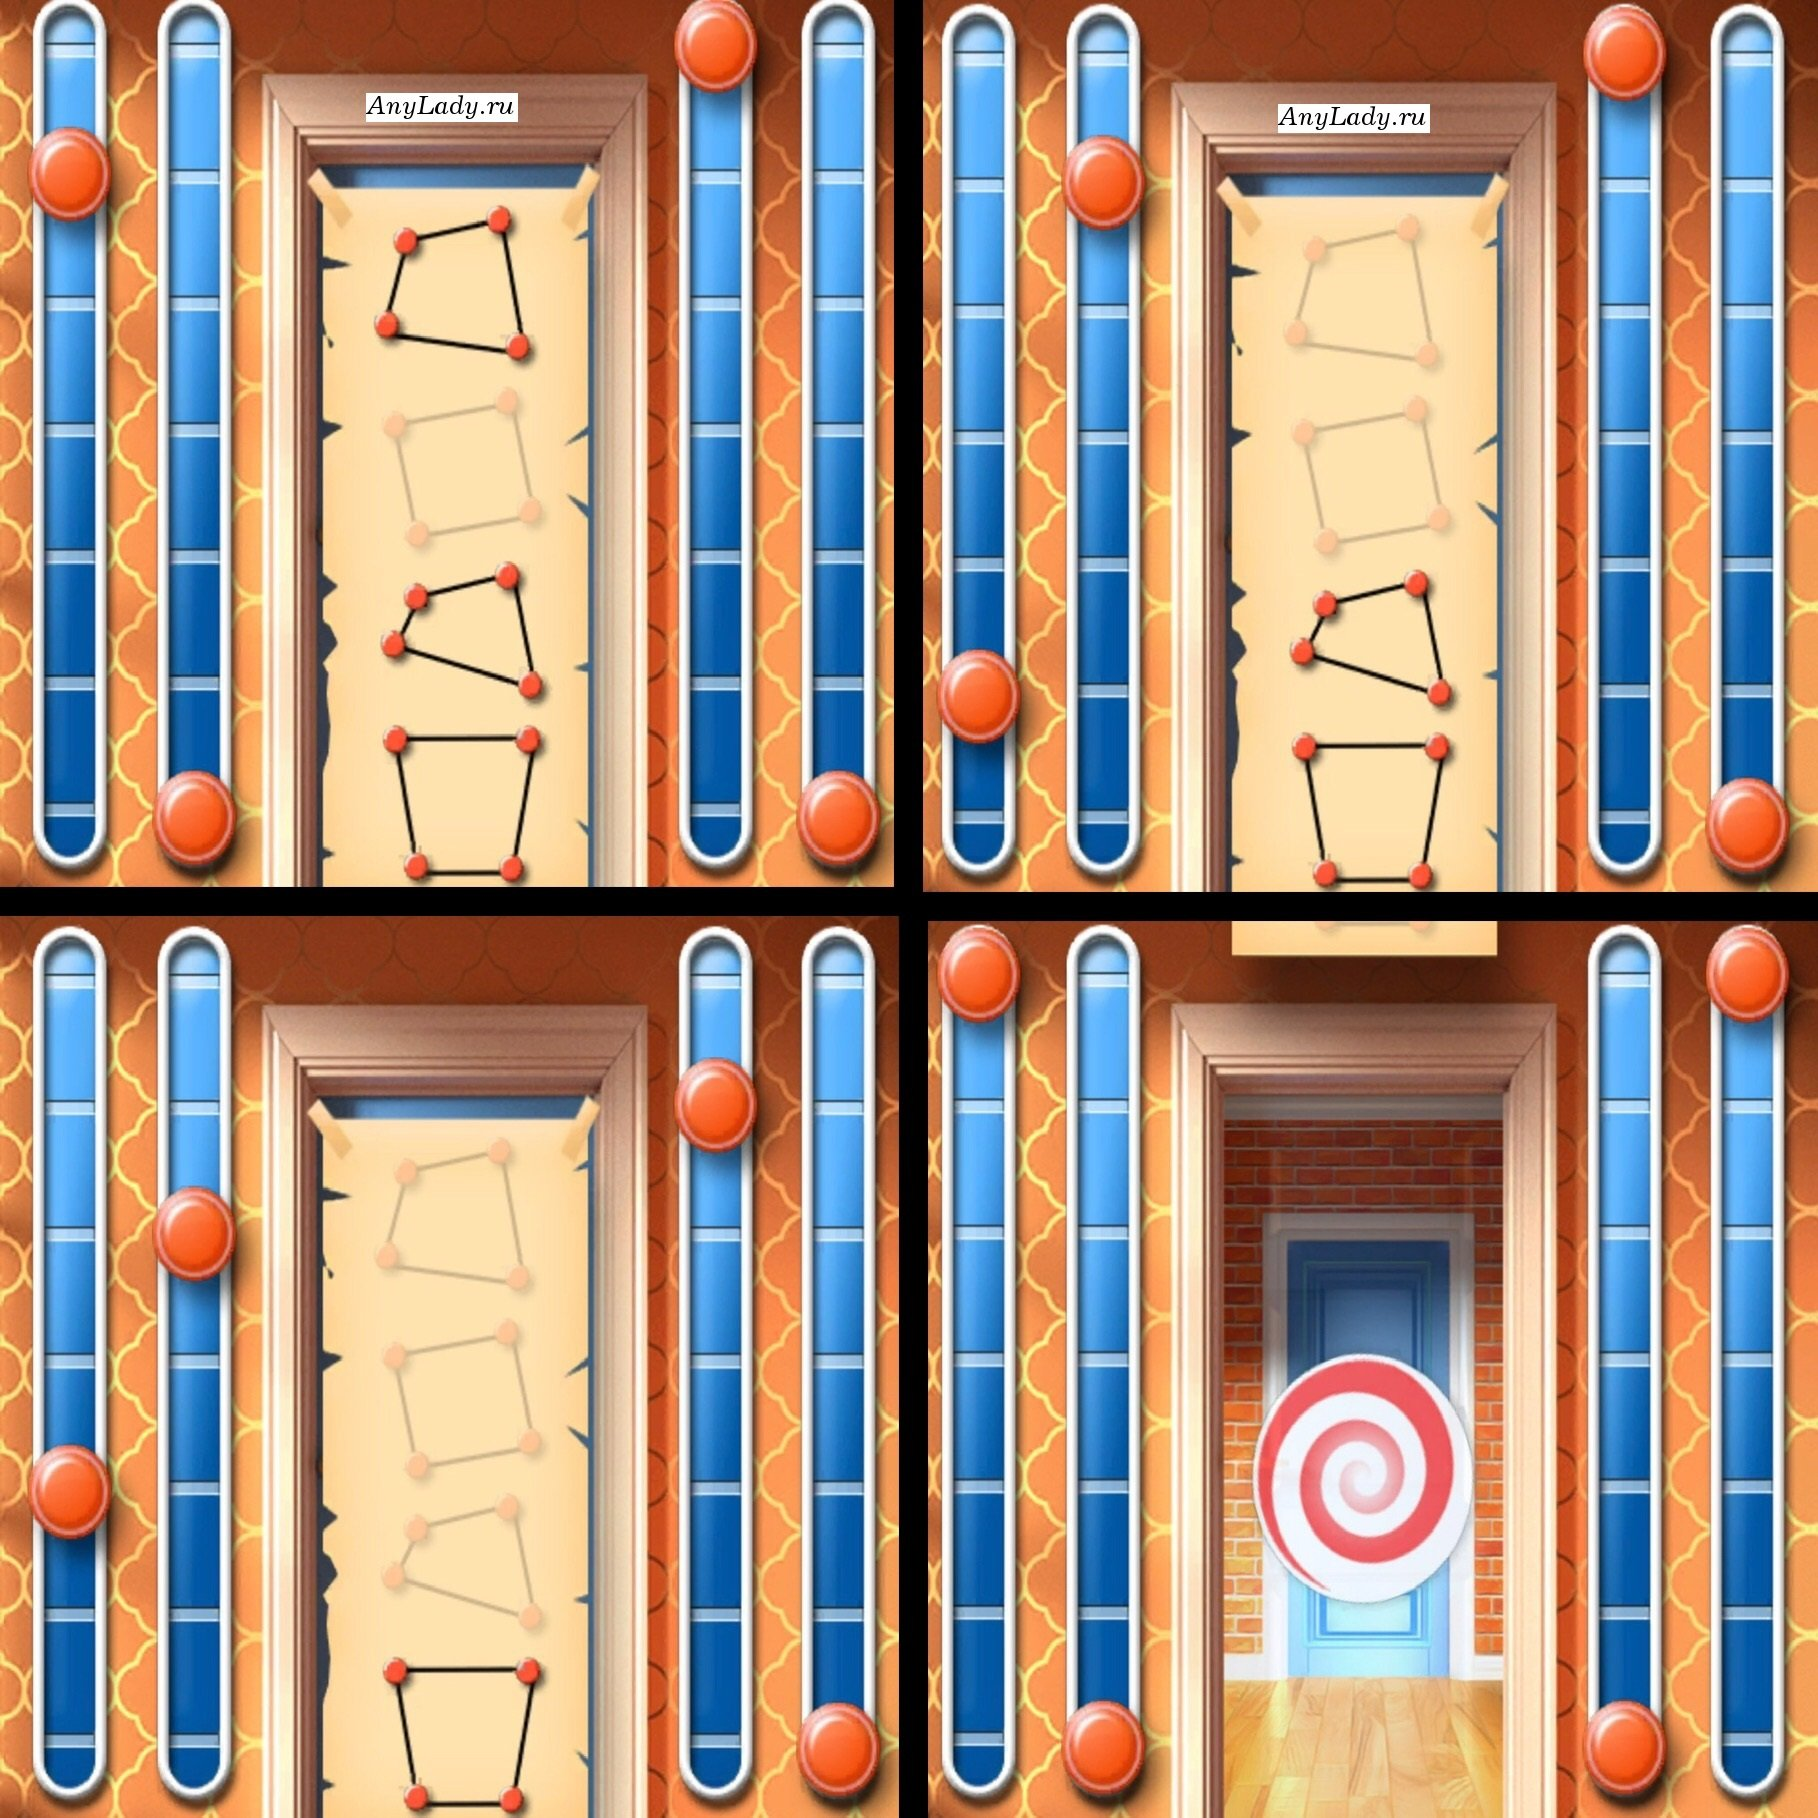 Первая (верхняя) фигура:  Грань первая - кликните на кнопку один (1) раз;  Грань вторая - нажмите шесть (6) раз; Грань третья - ноль (0) раз; Грань четвертую - правую  шесть (6) раз.  Вторая фигура:  Вторую грань - 2 раза;  Первую грань - четыре (4) раза.